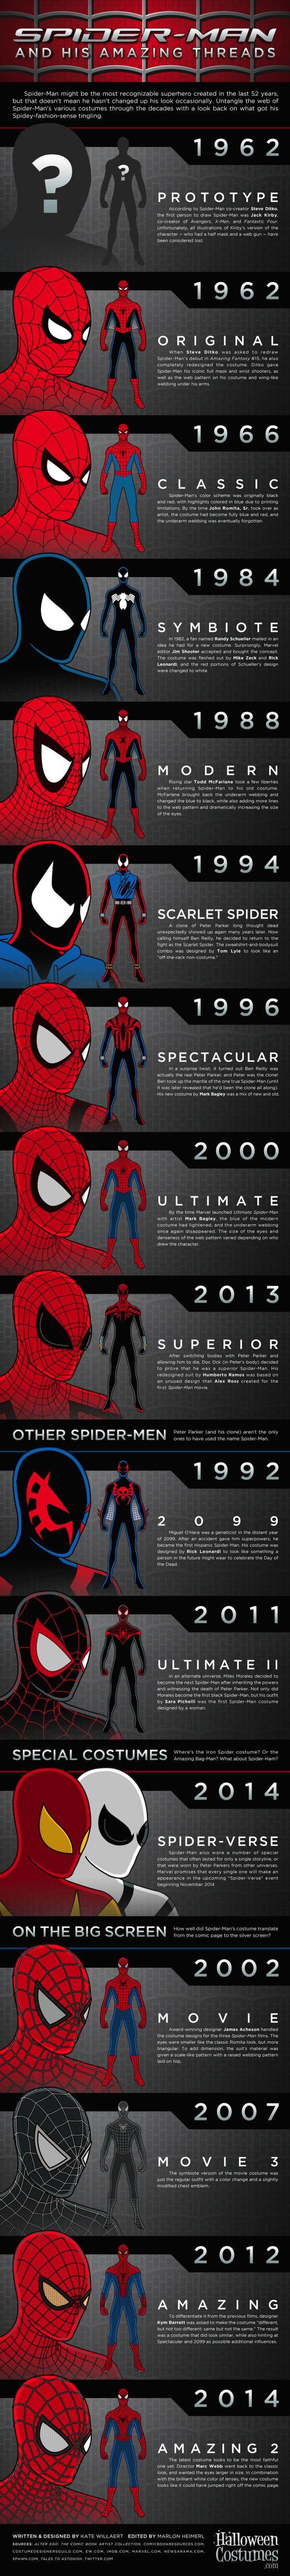 Tutti i costumi dell'Uomo Ragno, sugli albi colorati e al cinema PS: Amazing Spider-Man 2 è bello, contro ogni previsione :)